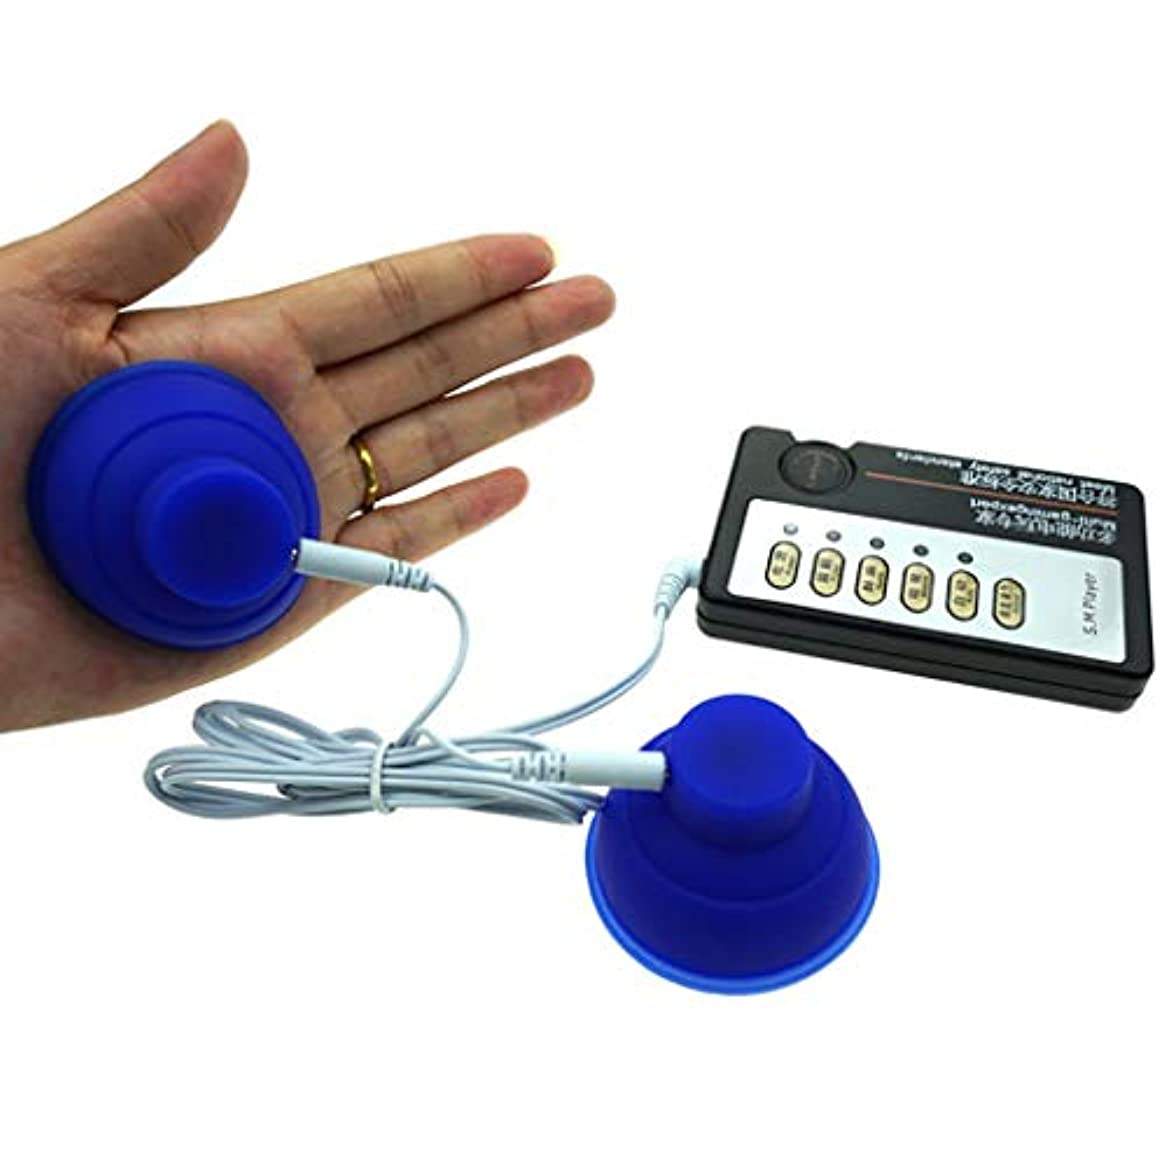 作曲する血統常識電気刺激 大人のおもちゃ電気刺激性のおもちゃ、電気肛門プラグ、オルガスムオナニー - 電気ショックパルス療法 - マッサージ - 乳房ポンプ - カッピング